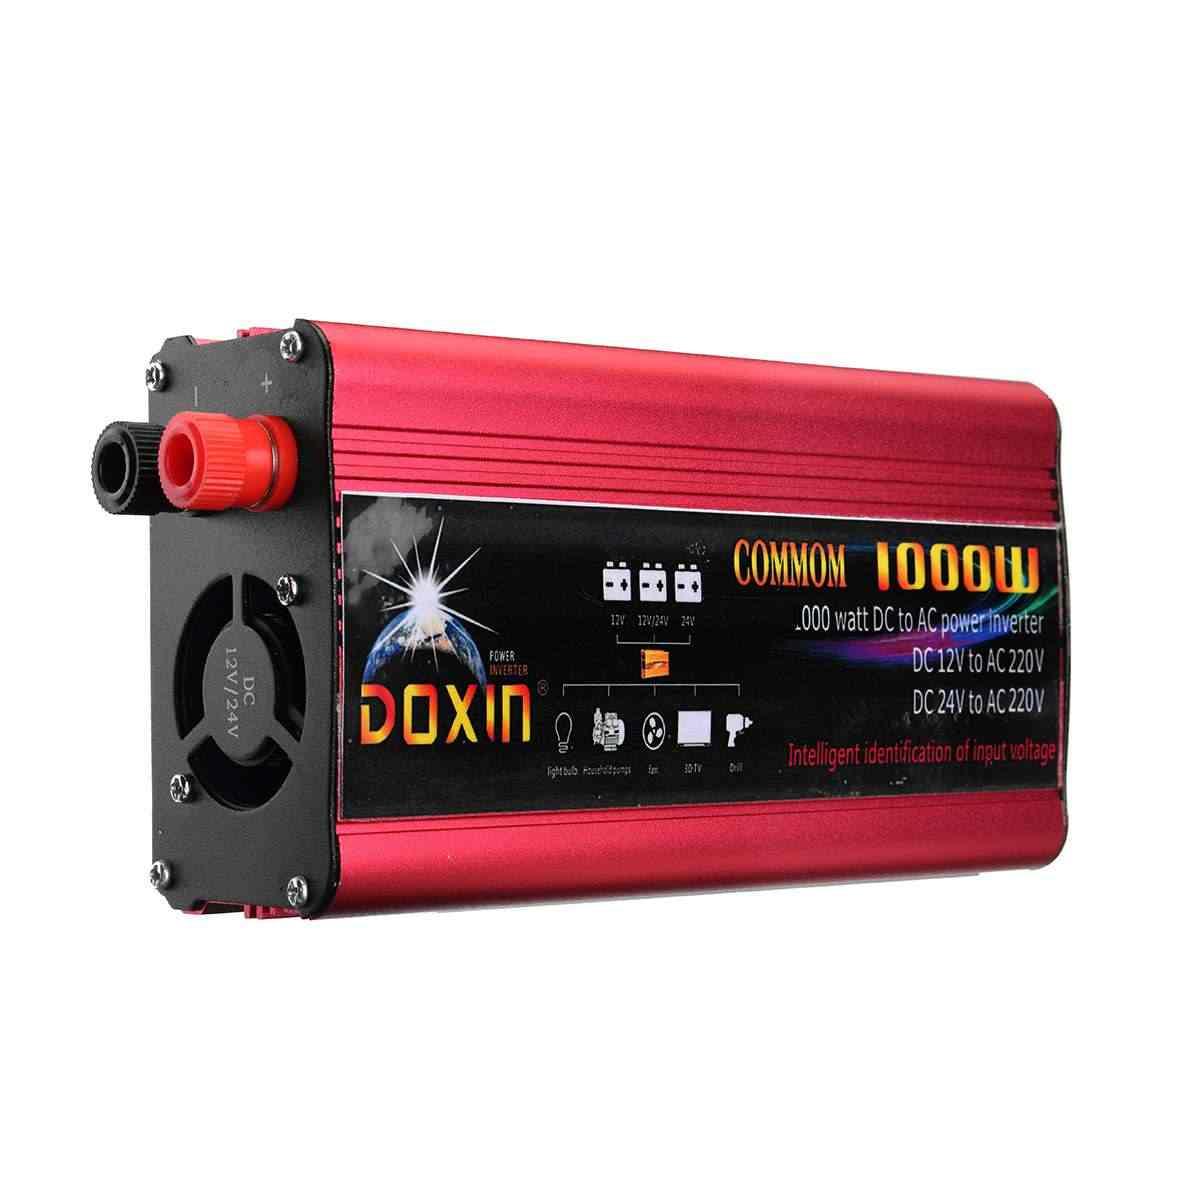 Inversor del coche de 2000W 12 220 adaptador del convertidor del cargador del inversor de la energía del coche Puerto del enchufe USB modificado onda sinusoidal cc 12V 24V a CA 220V